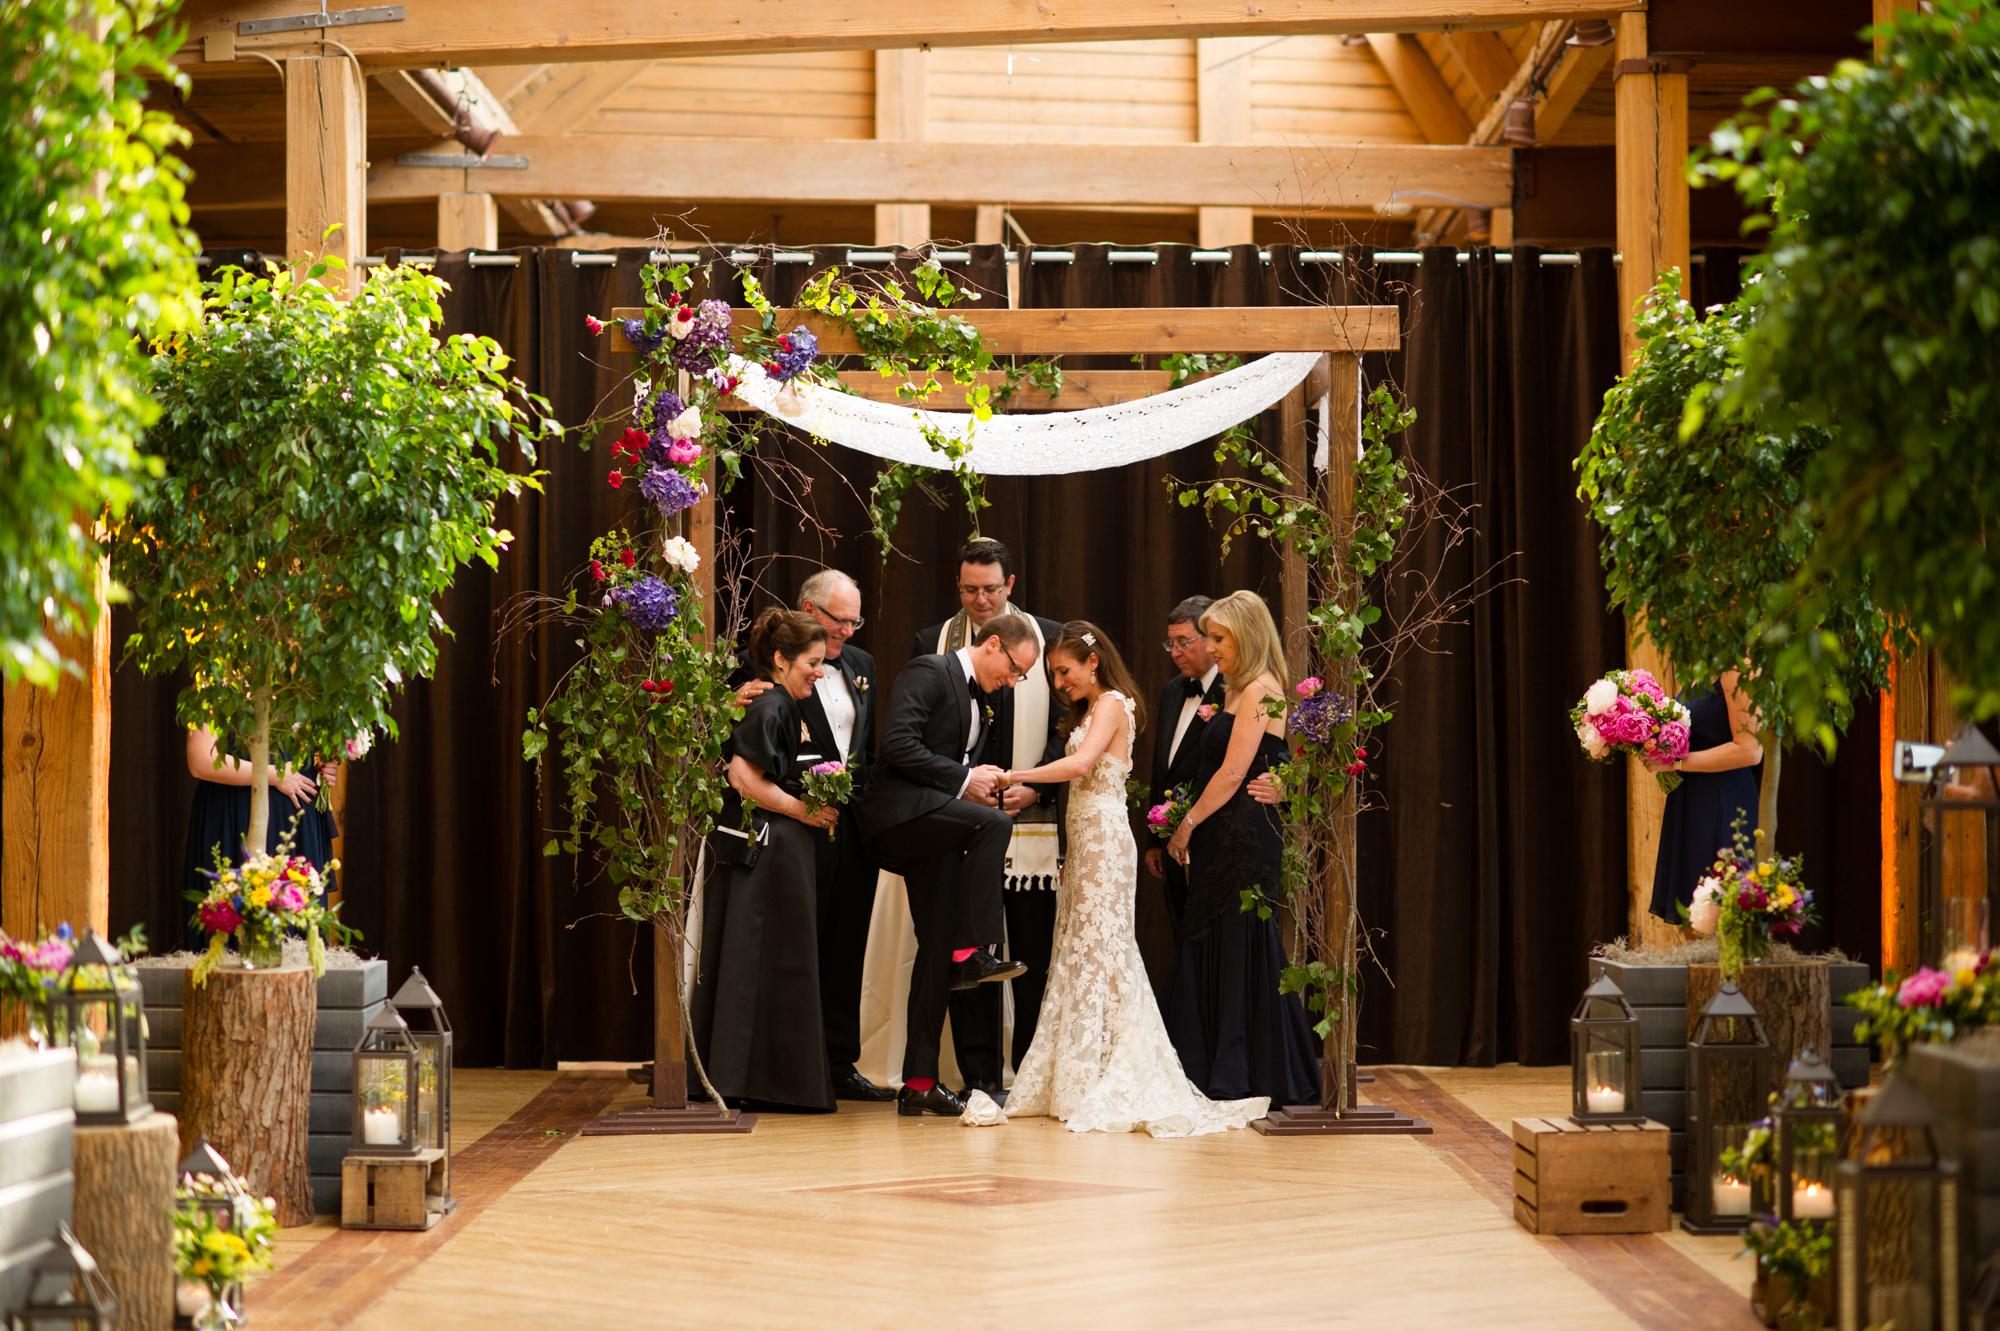 Wedding at Bridgeport Art Center in Chicago